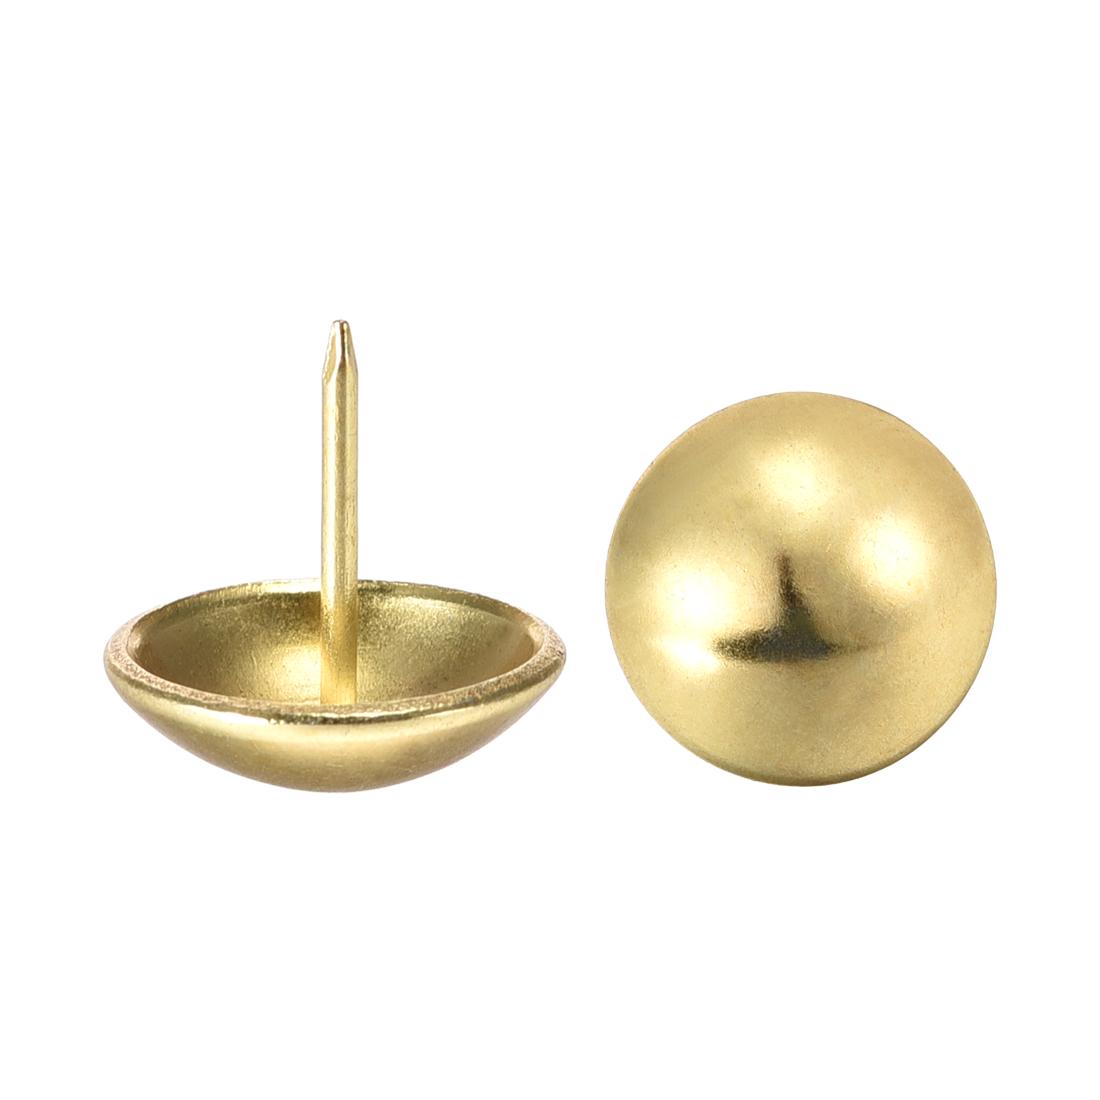 Upholstery Nails Tacks 18mm Dia 17mm Height Round Thumb Pins Gold Tone 25 Pcs